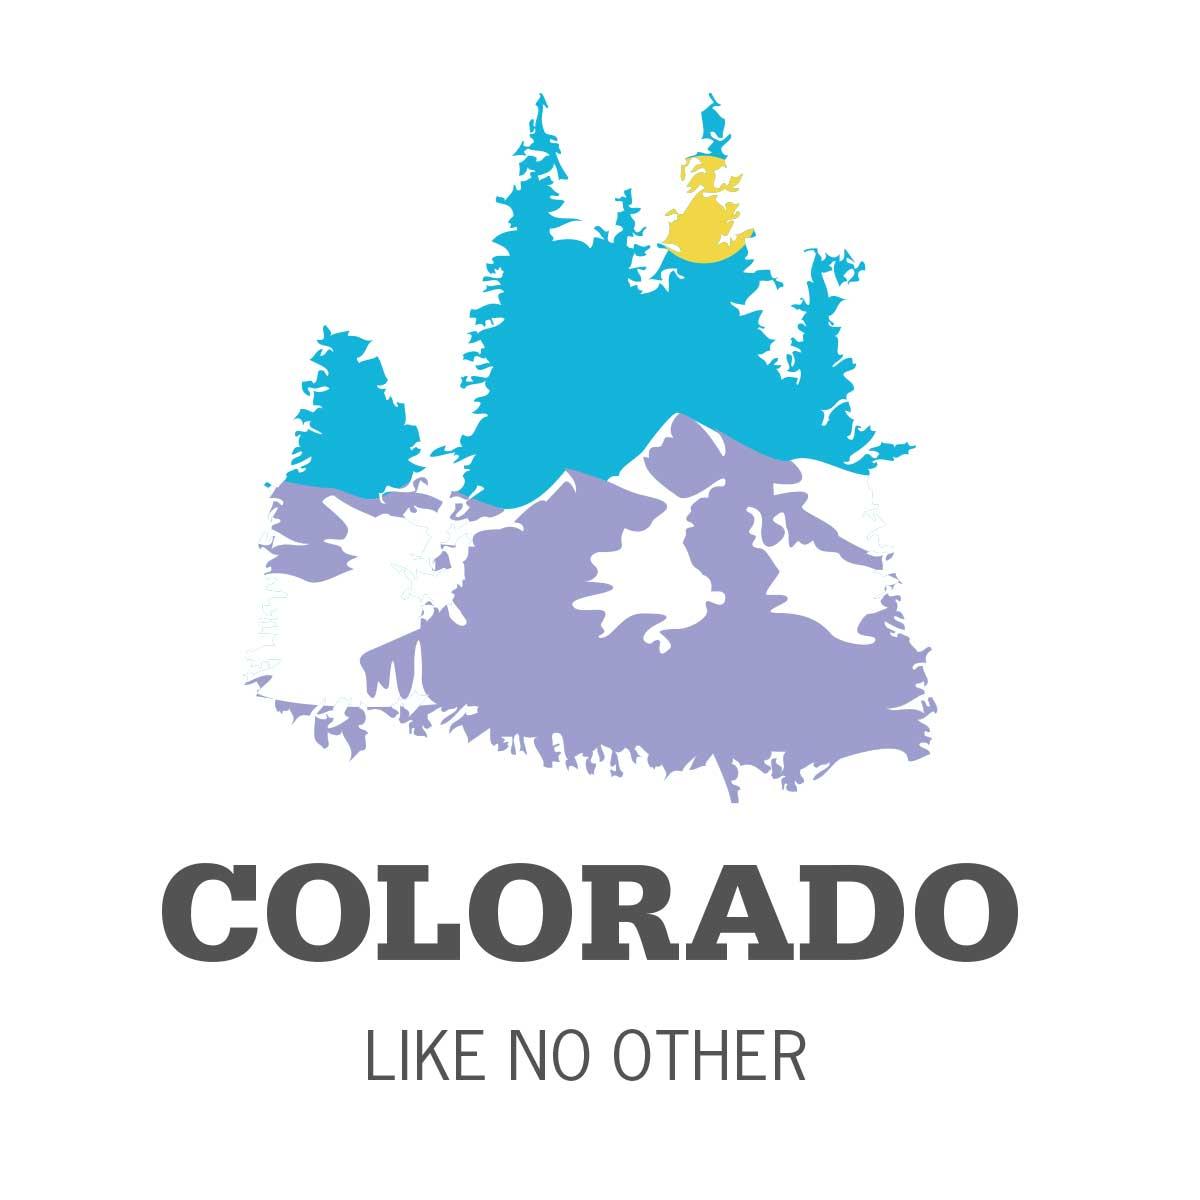 CO_Logotype_Prpl.jpg